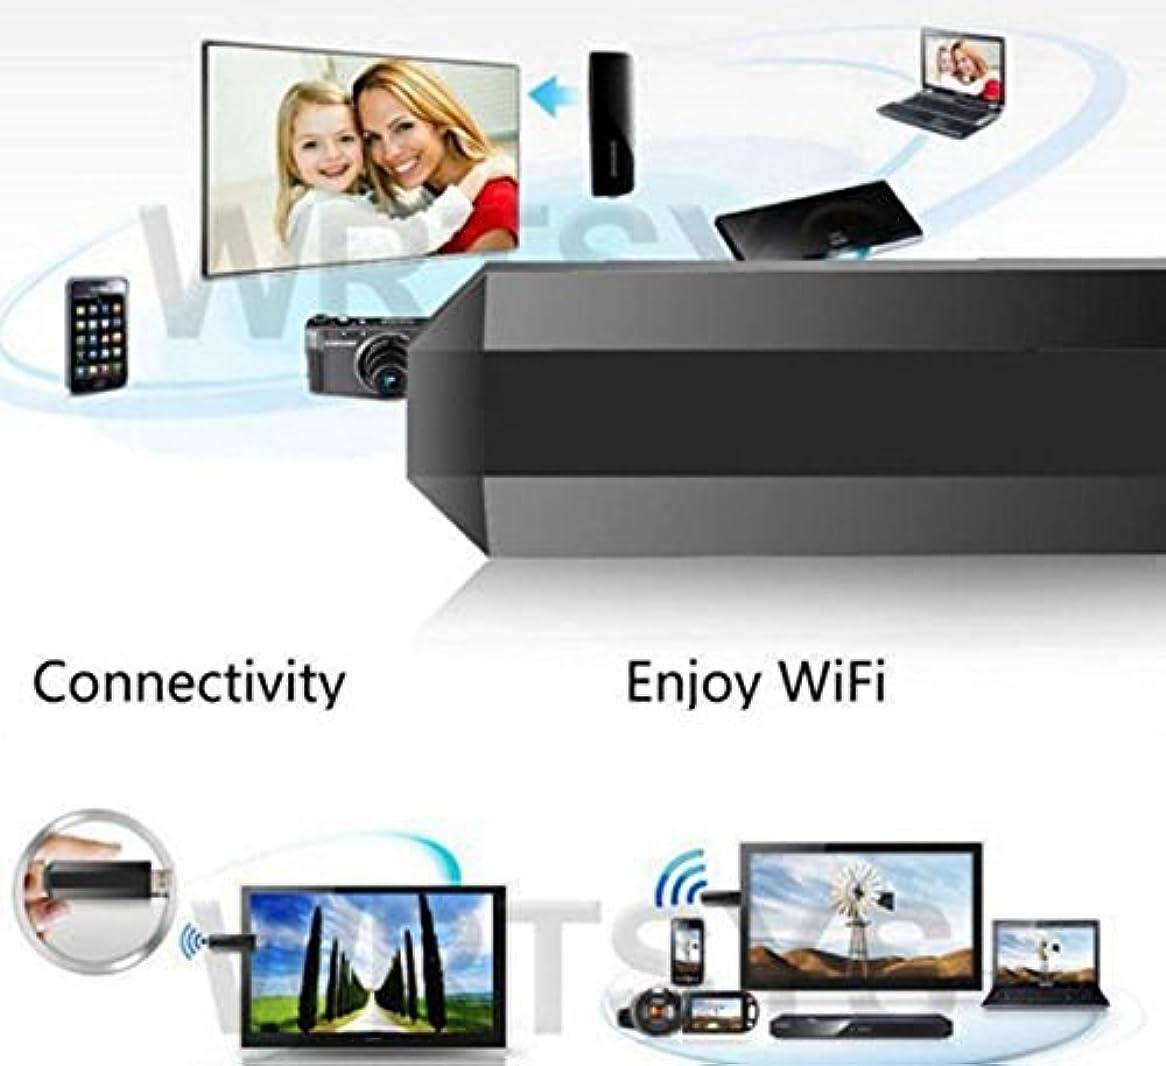 新しさカスタム海賊ワイヤレスWLAN LANアダプタ、northbear 300?M USBワイヤレスTV Wi - Fiアダプタfor SamsungスマートTV wis12abgnx wis09abgn